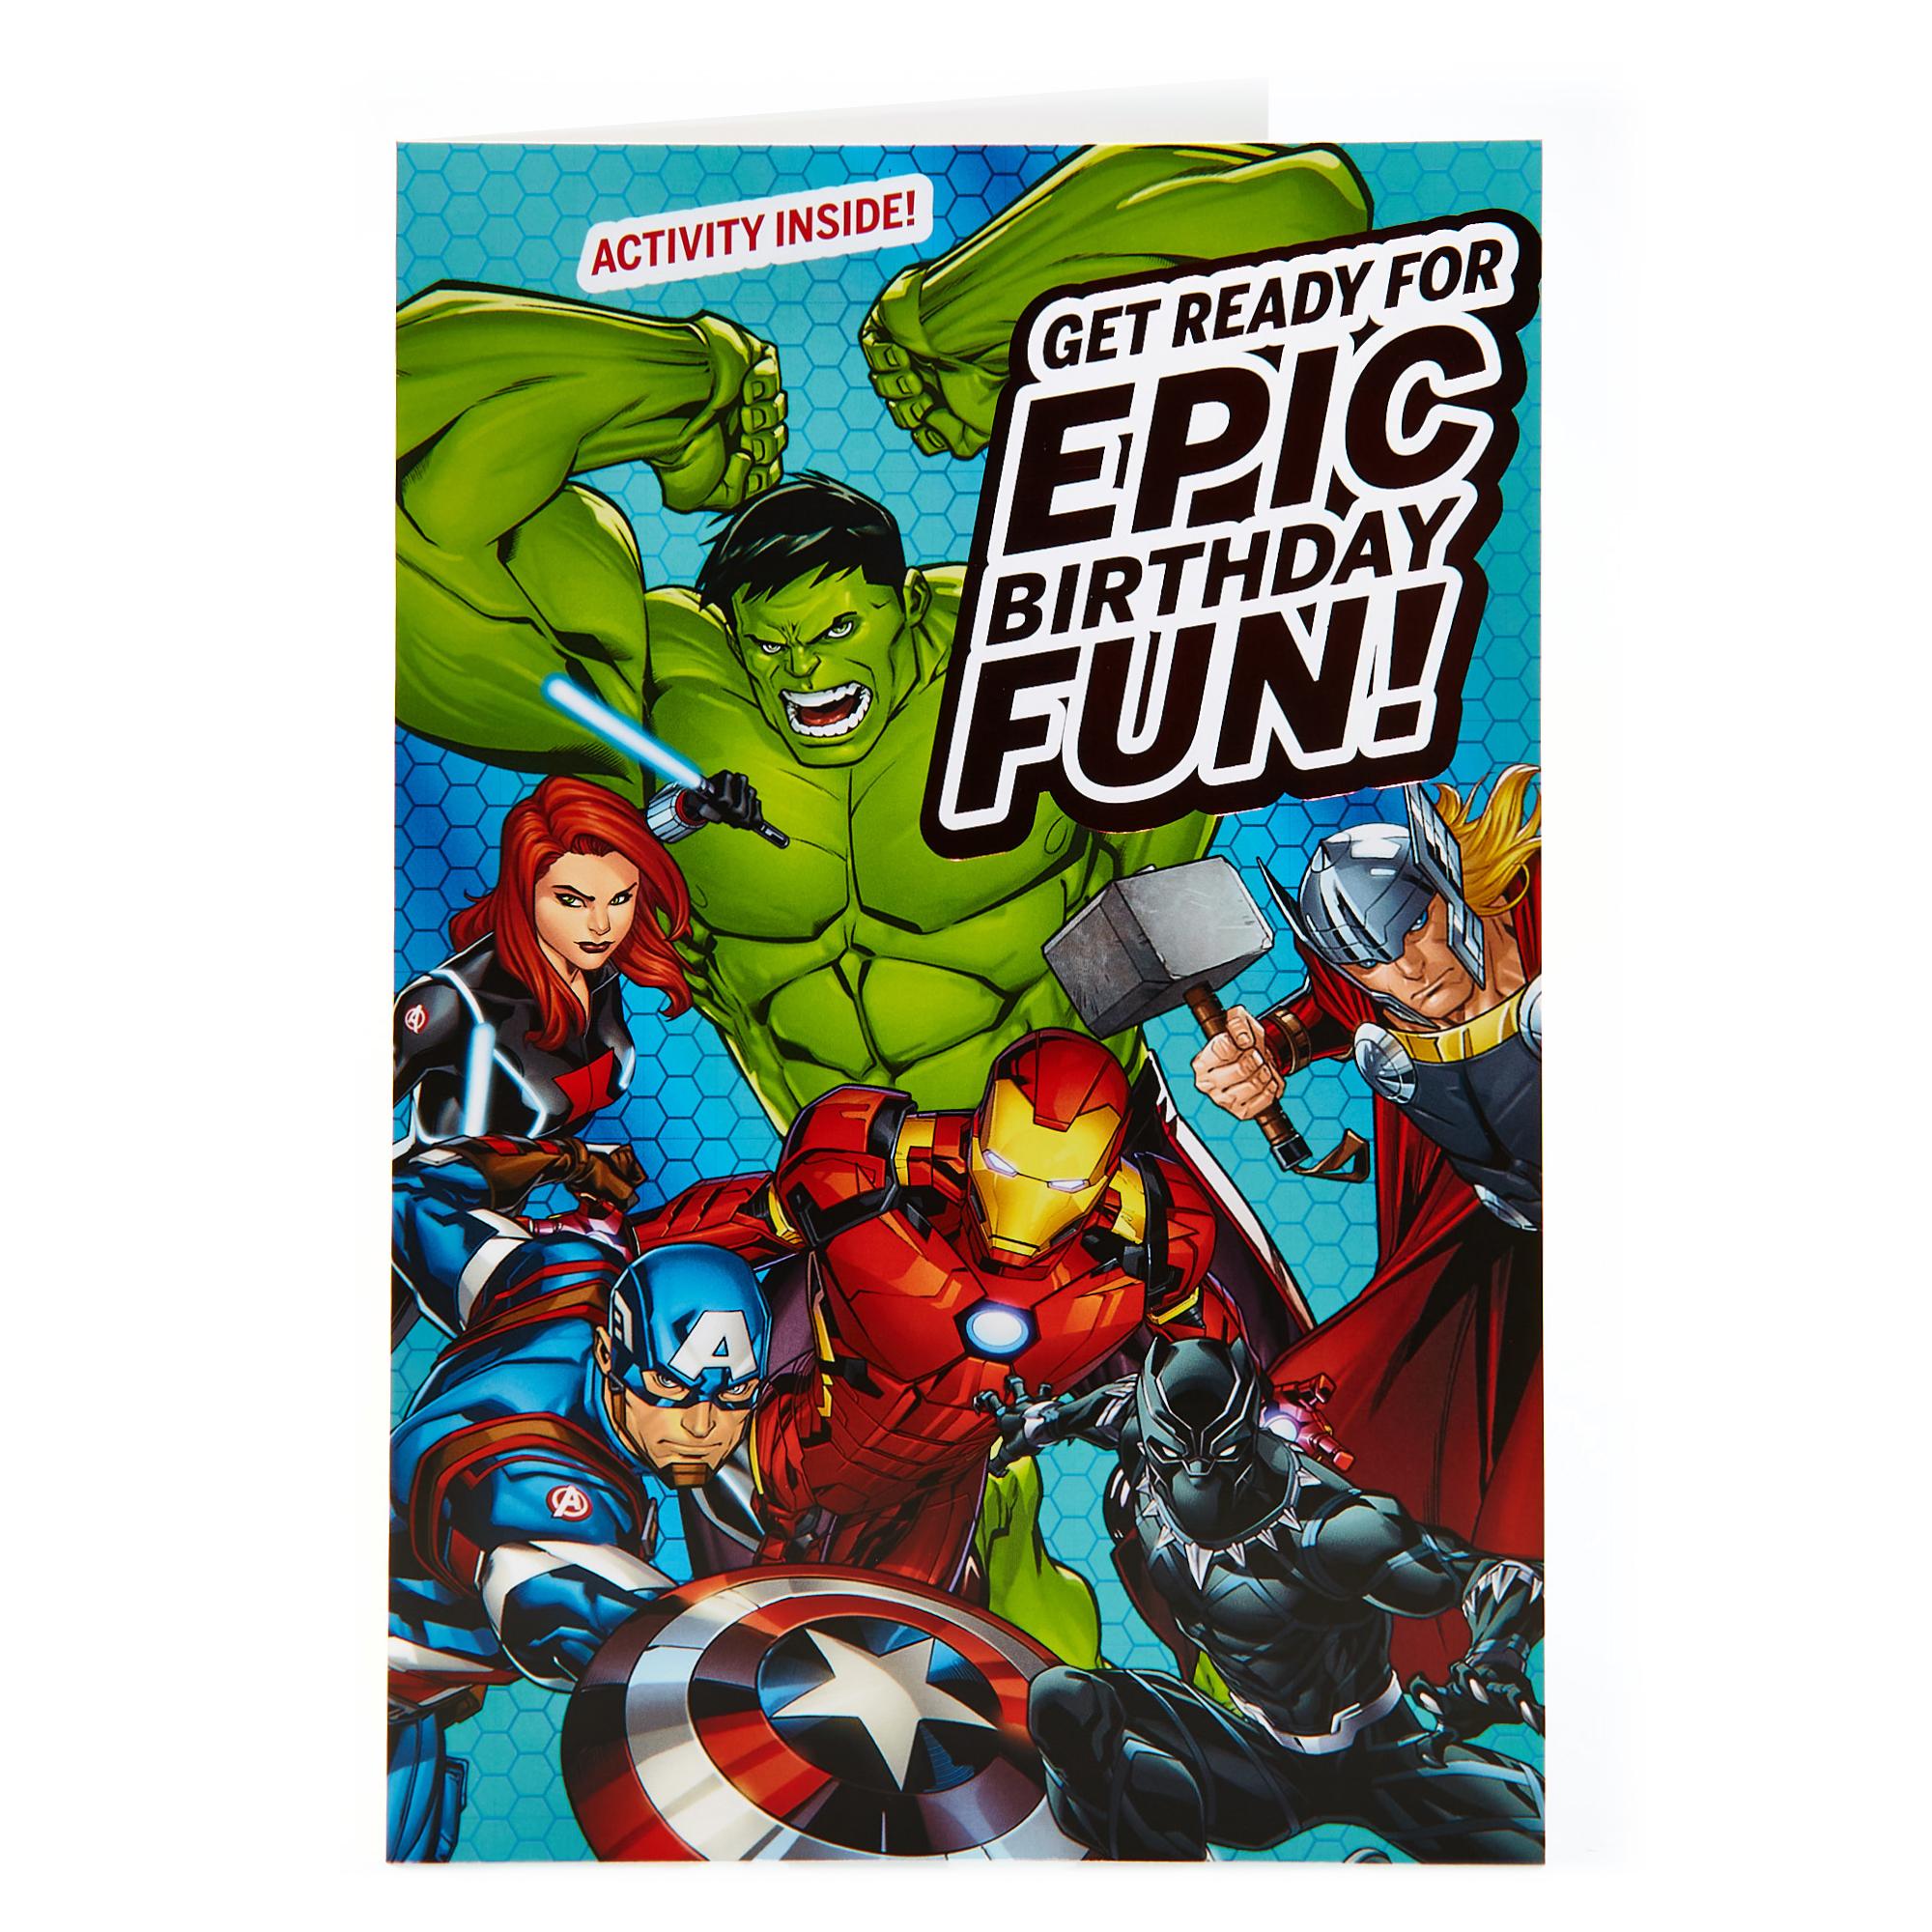 buy marvel avengers birthday card  activity inside for